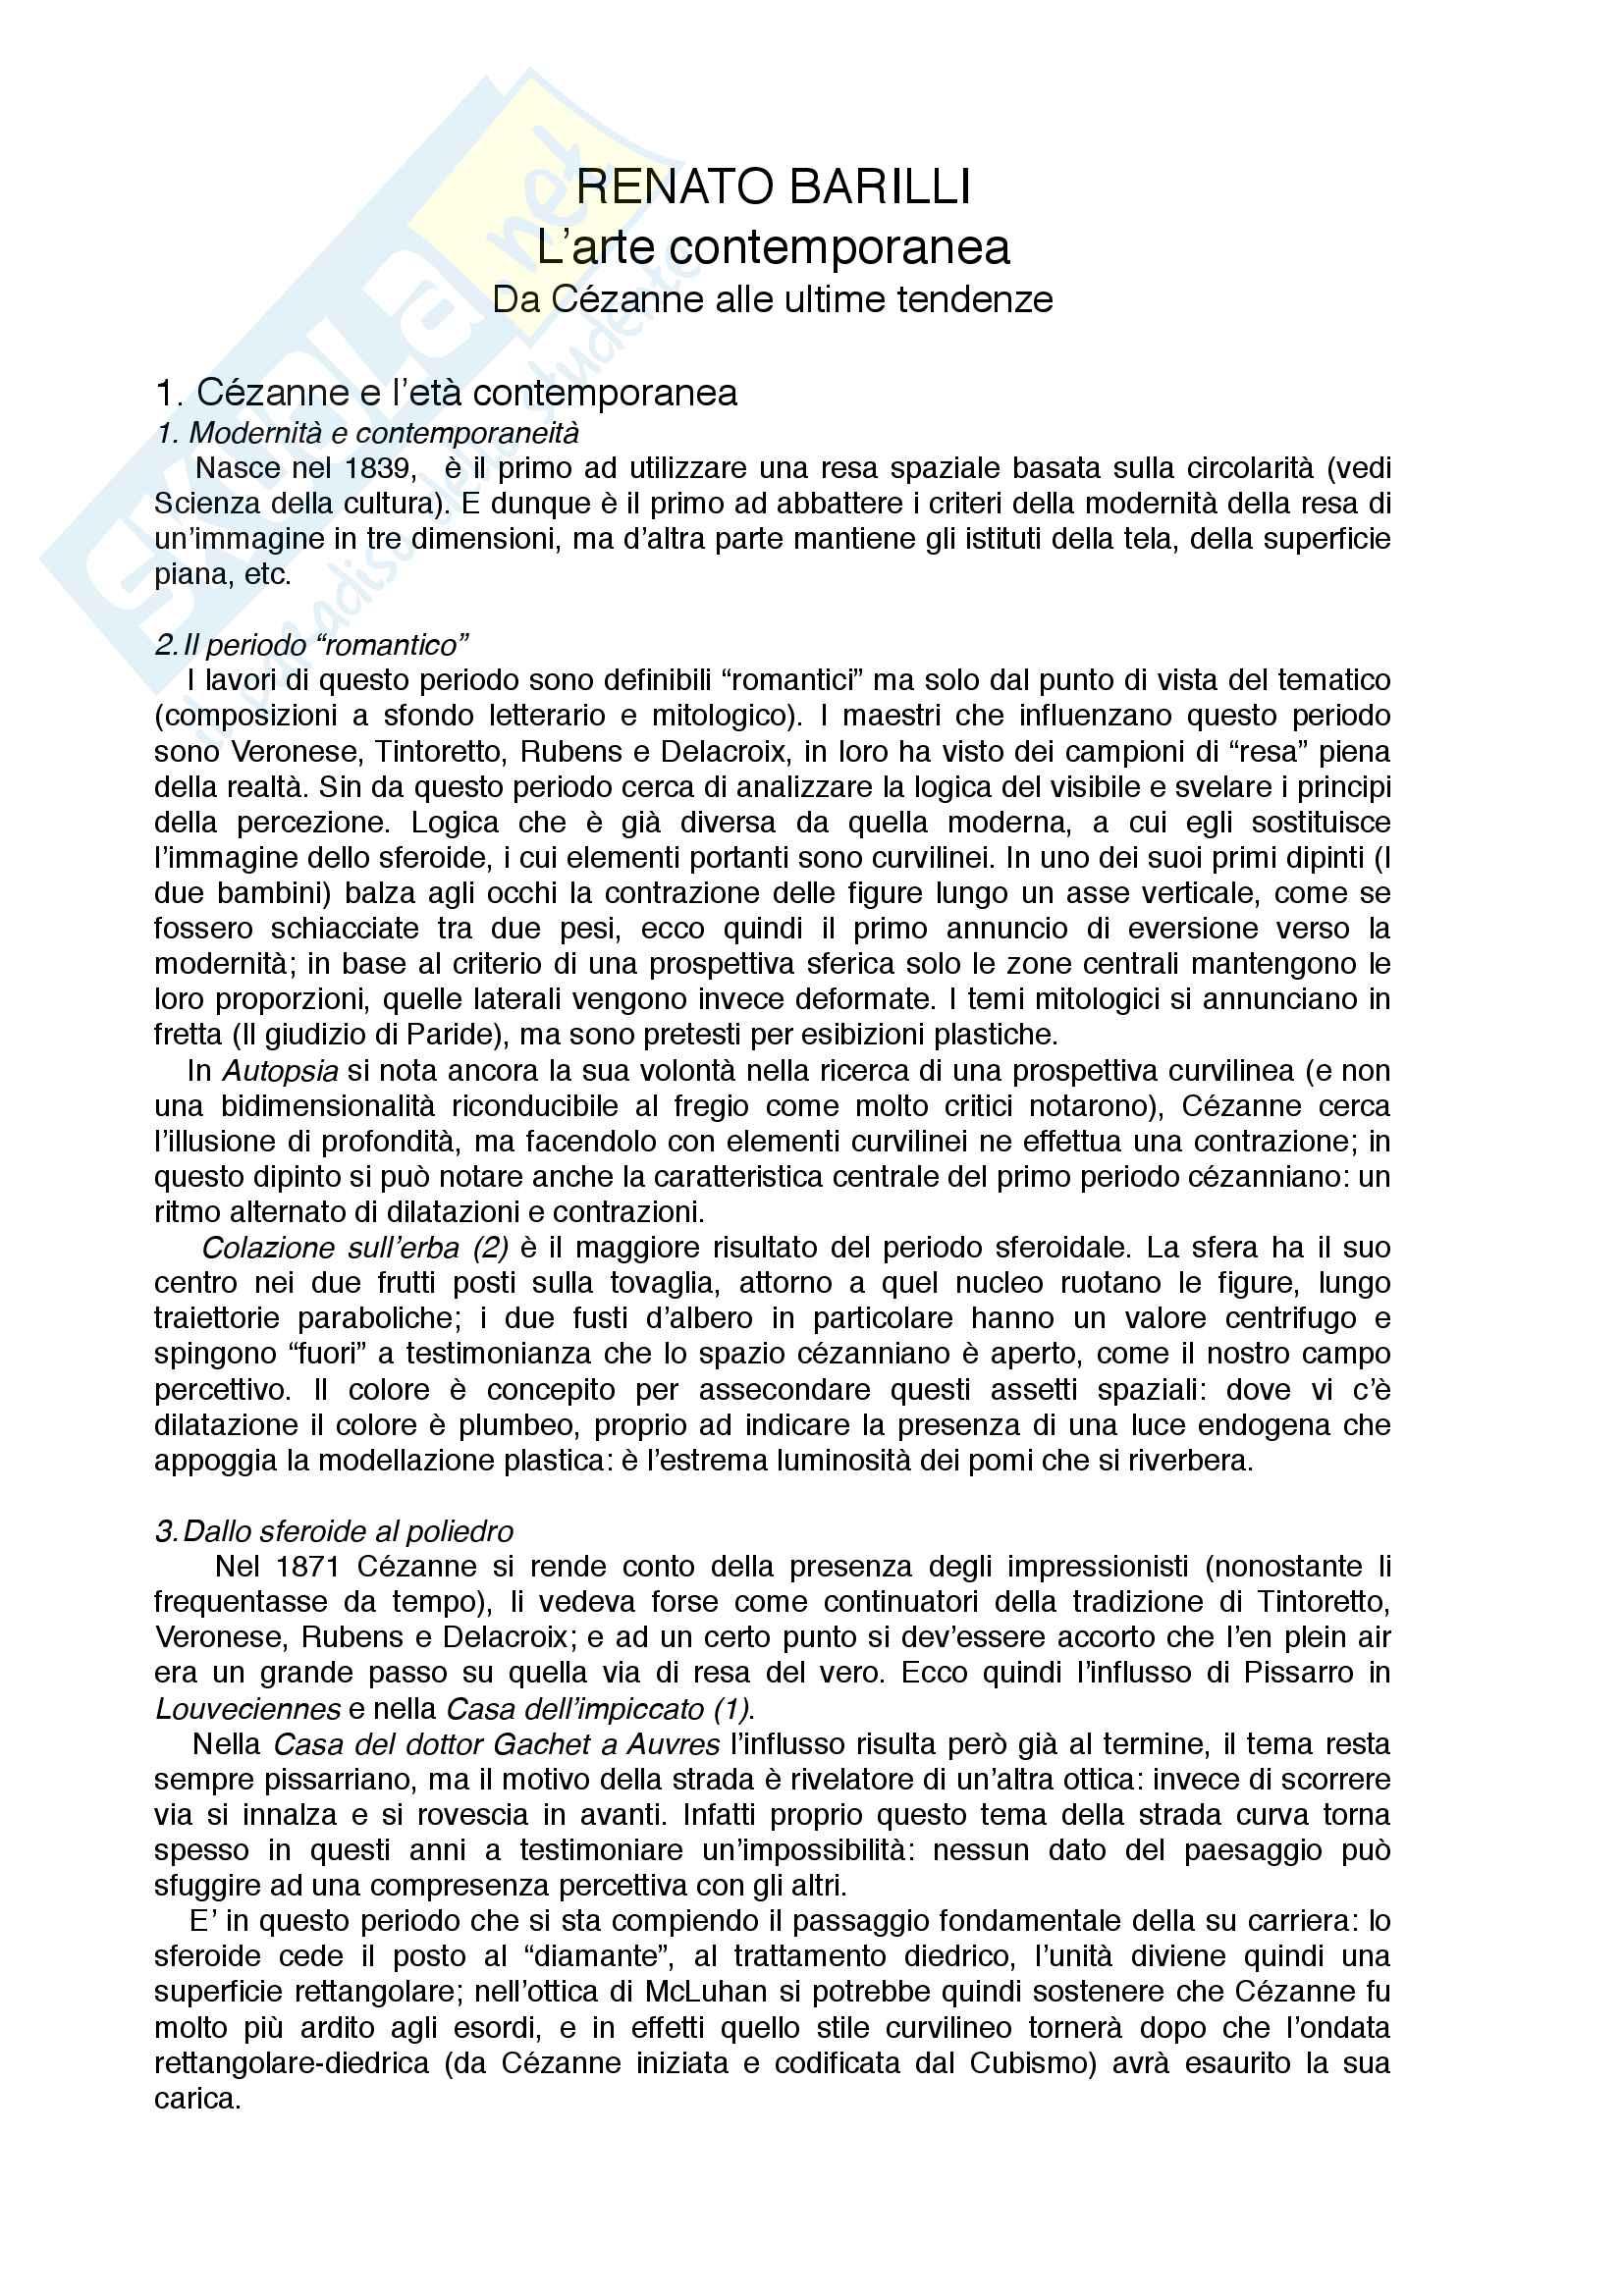 Riassunto esame Storia dell'arte contemporanea, prof. di Scienze letterarie, libro consigliato Renato Barilli, l'arte contemporanea da Cézanne alle ultime tendenze